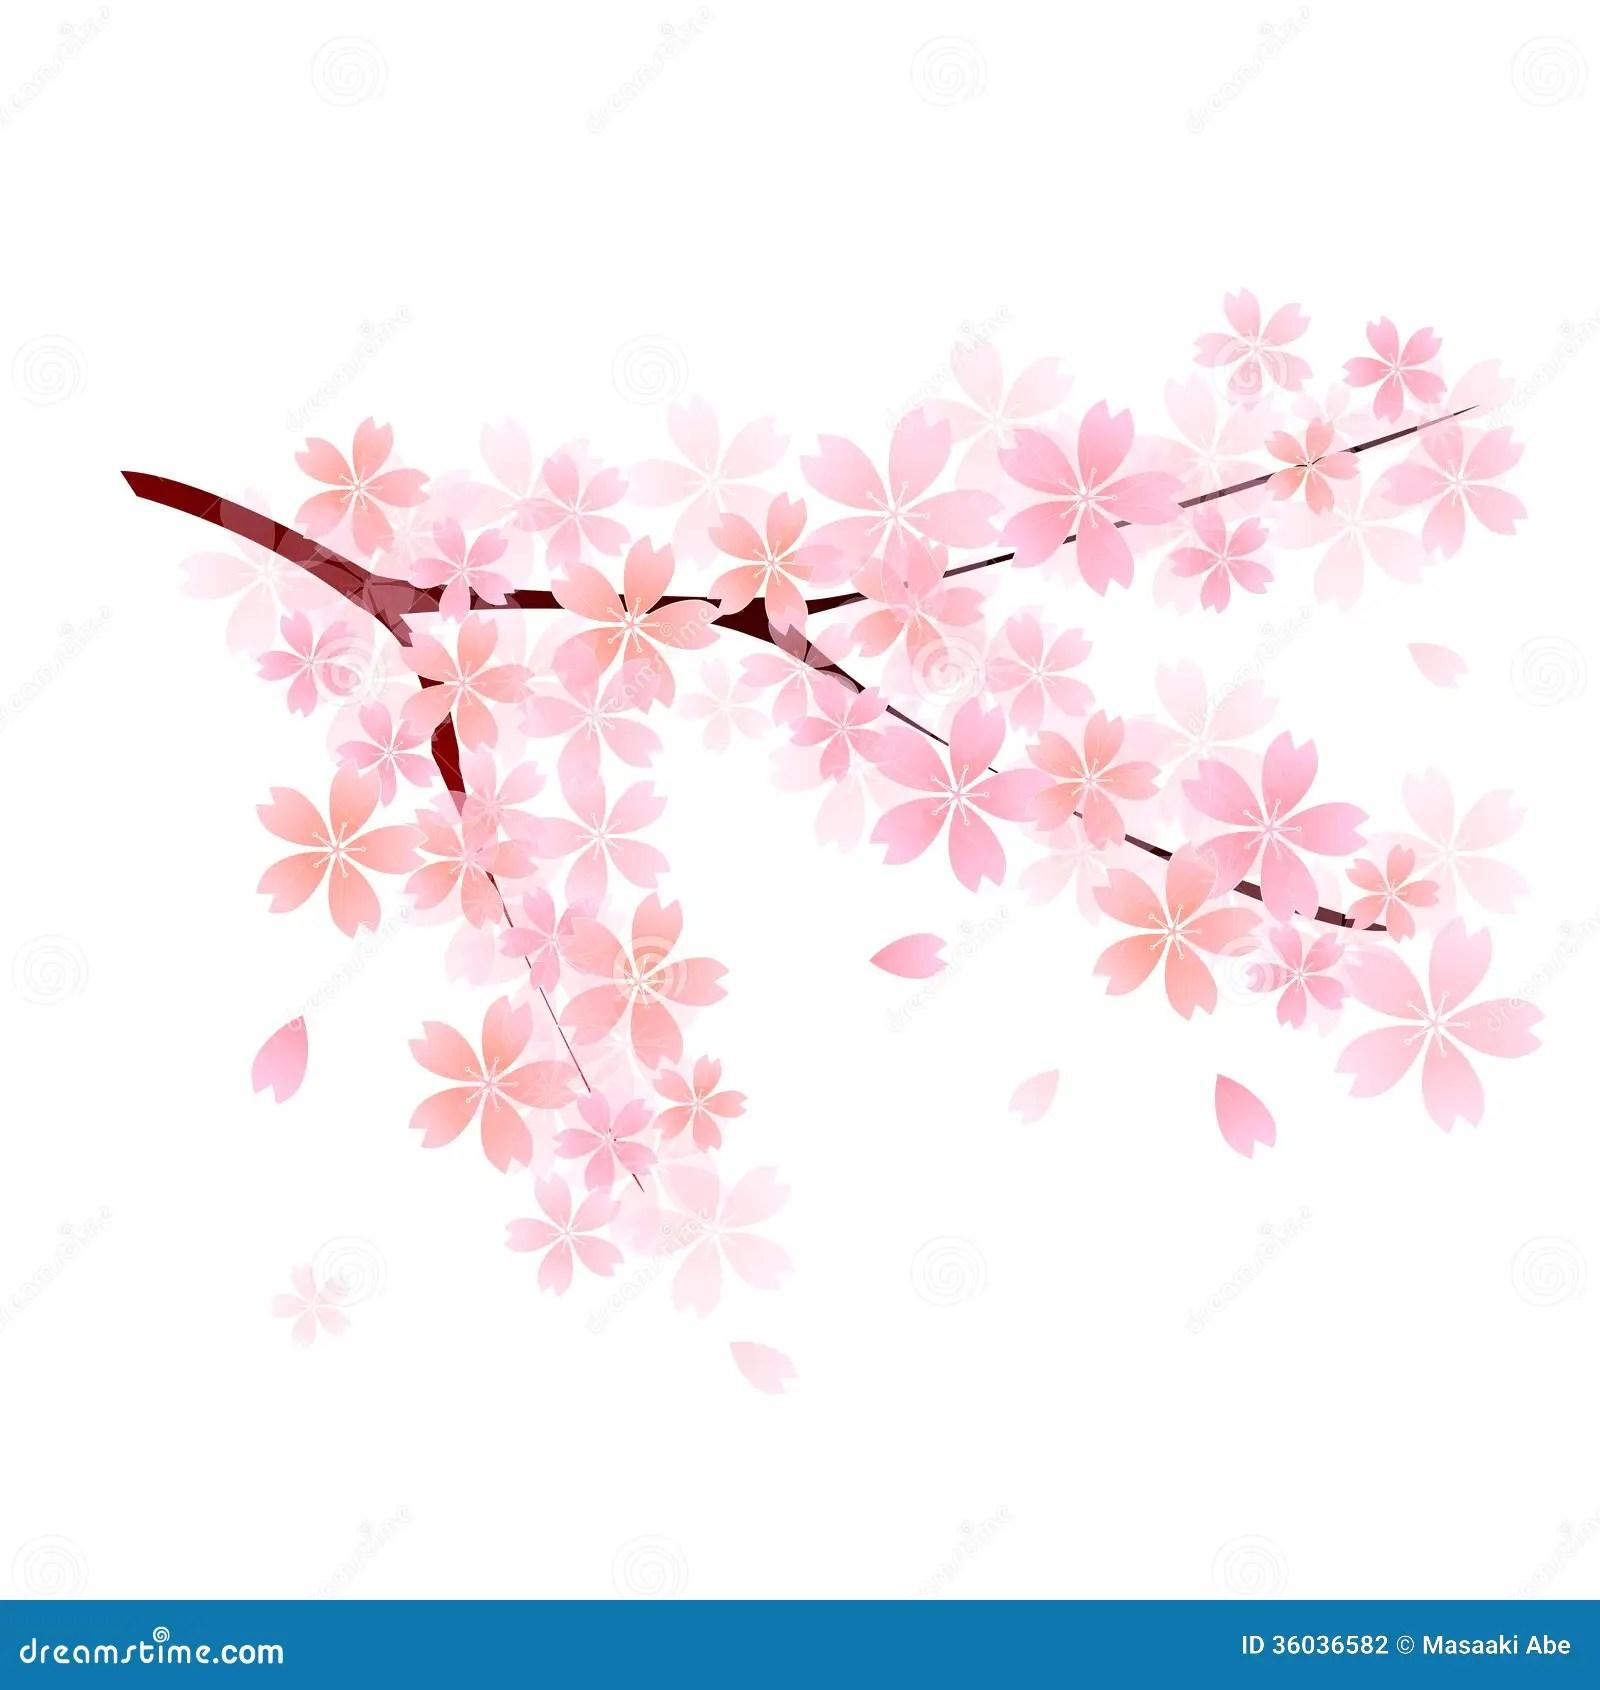 Falling Rose Petals Wallpaper Sakura Sakura Spring Stock Vector Illustration Of Flower